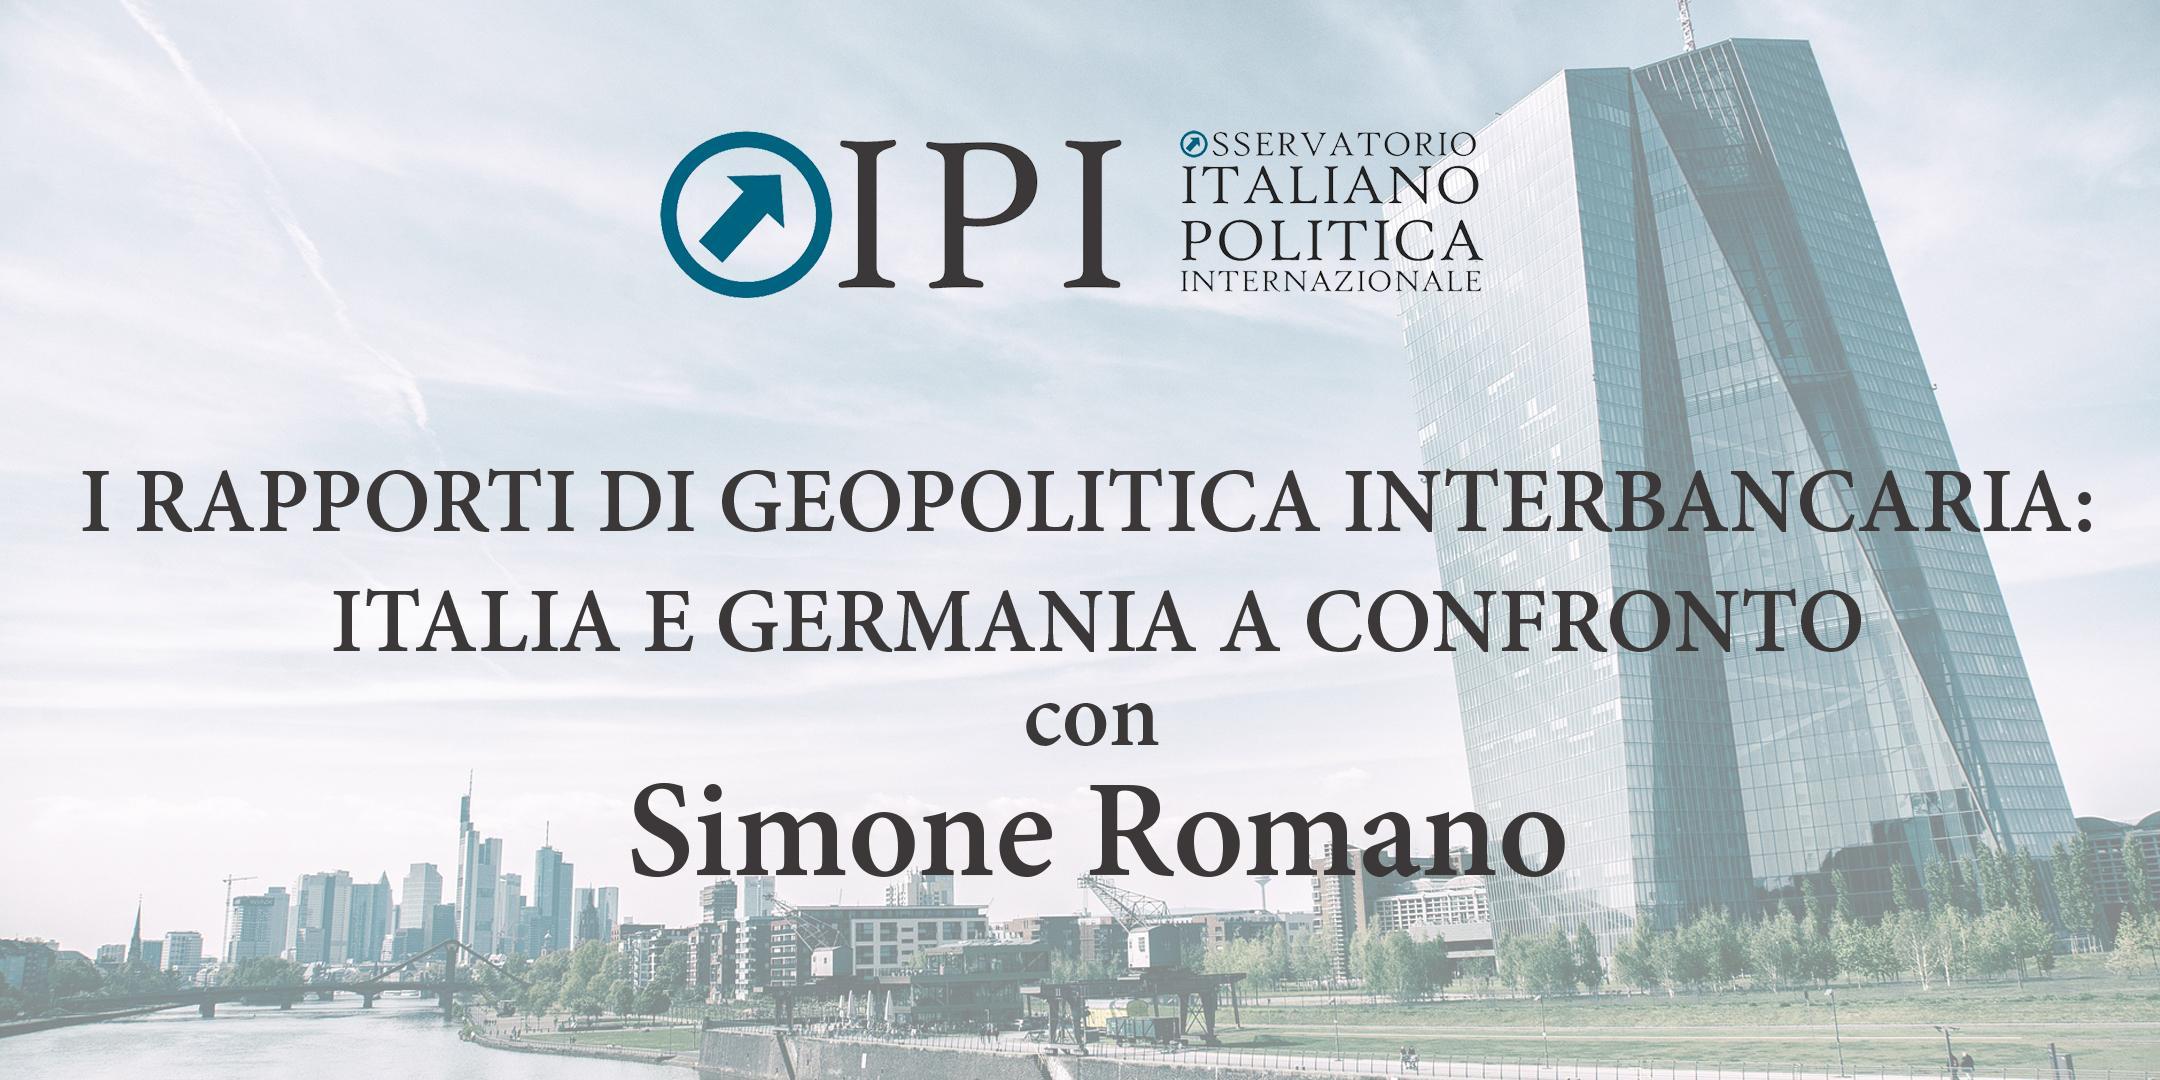 I RAPPORTI DI GEOPOLITICA INTERBANCARIA: ITAL